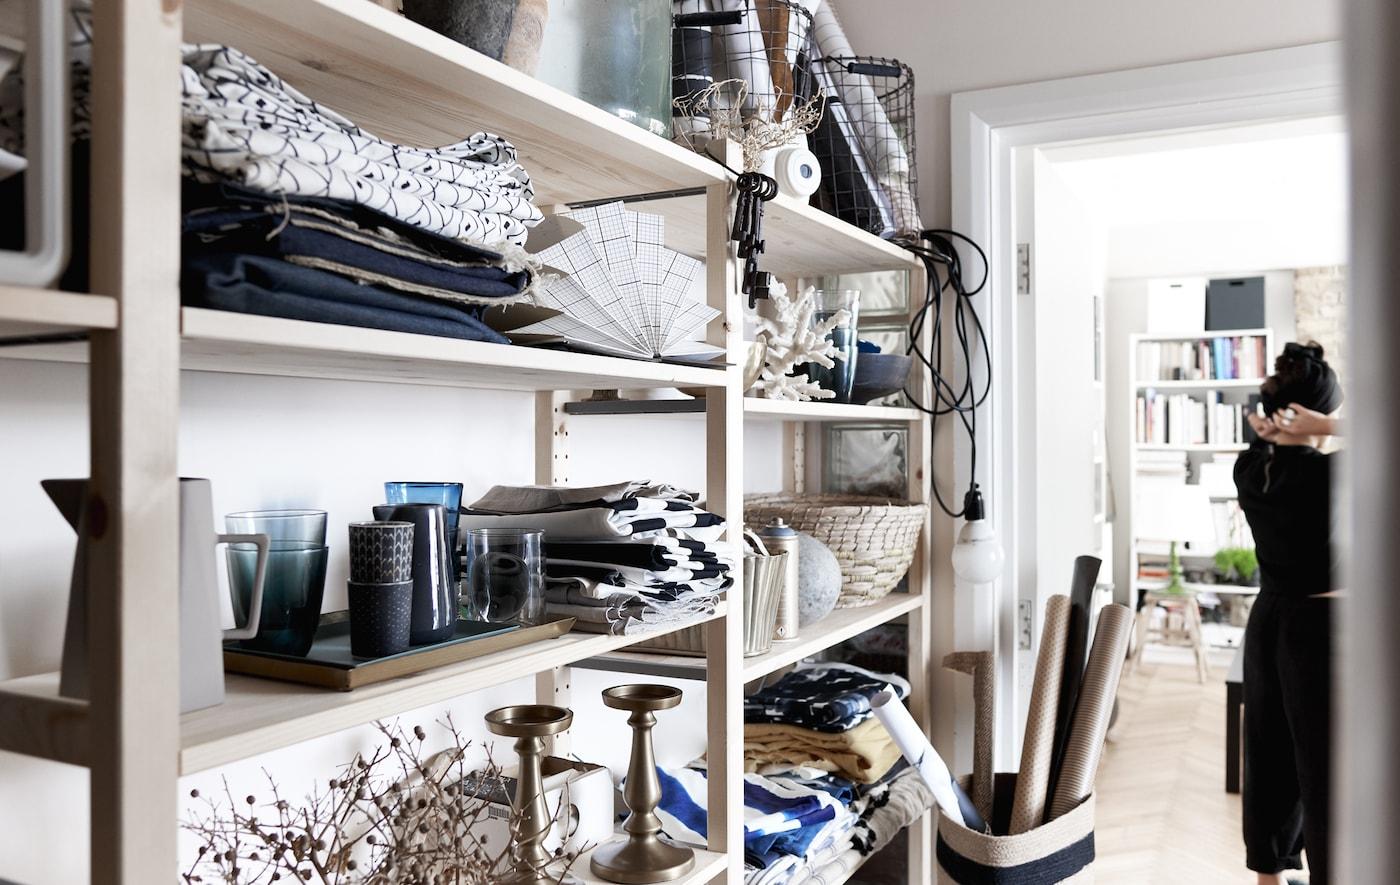 Textilien, Geschirr & andere Accessoires in einer großen, offenen Aufbewahrung aus Holz